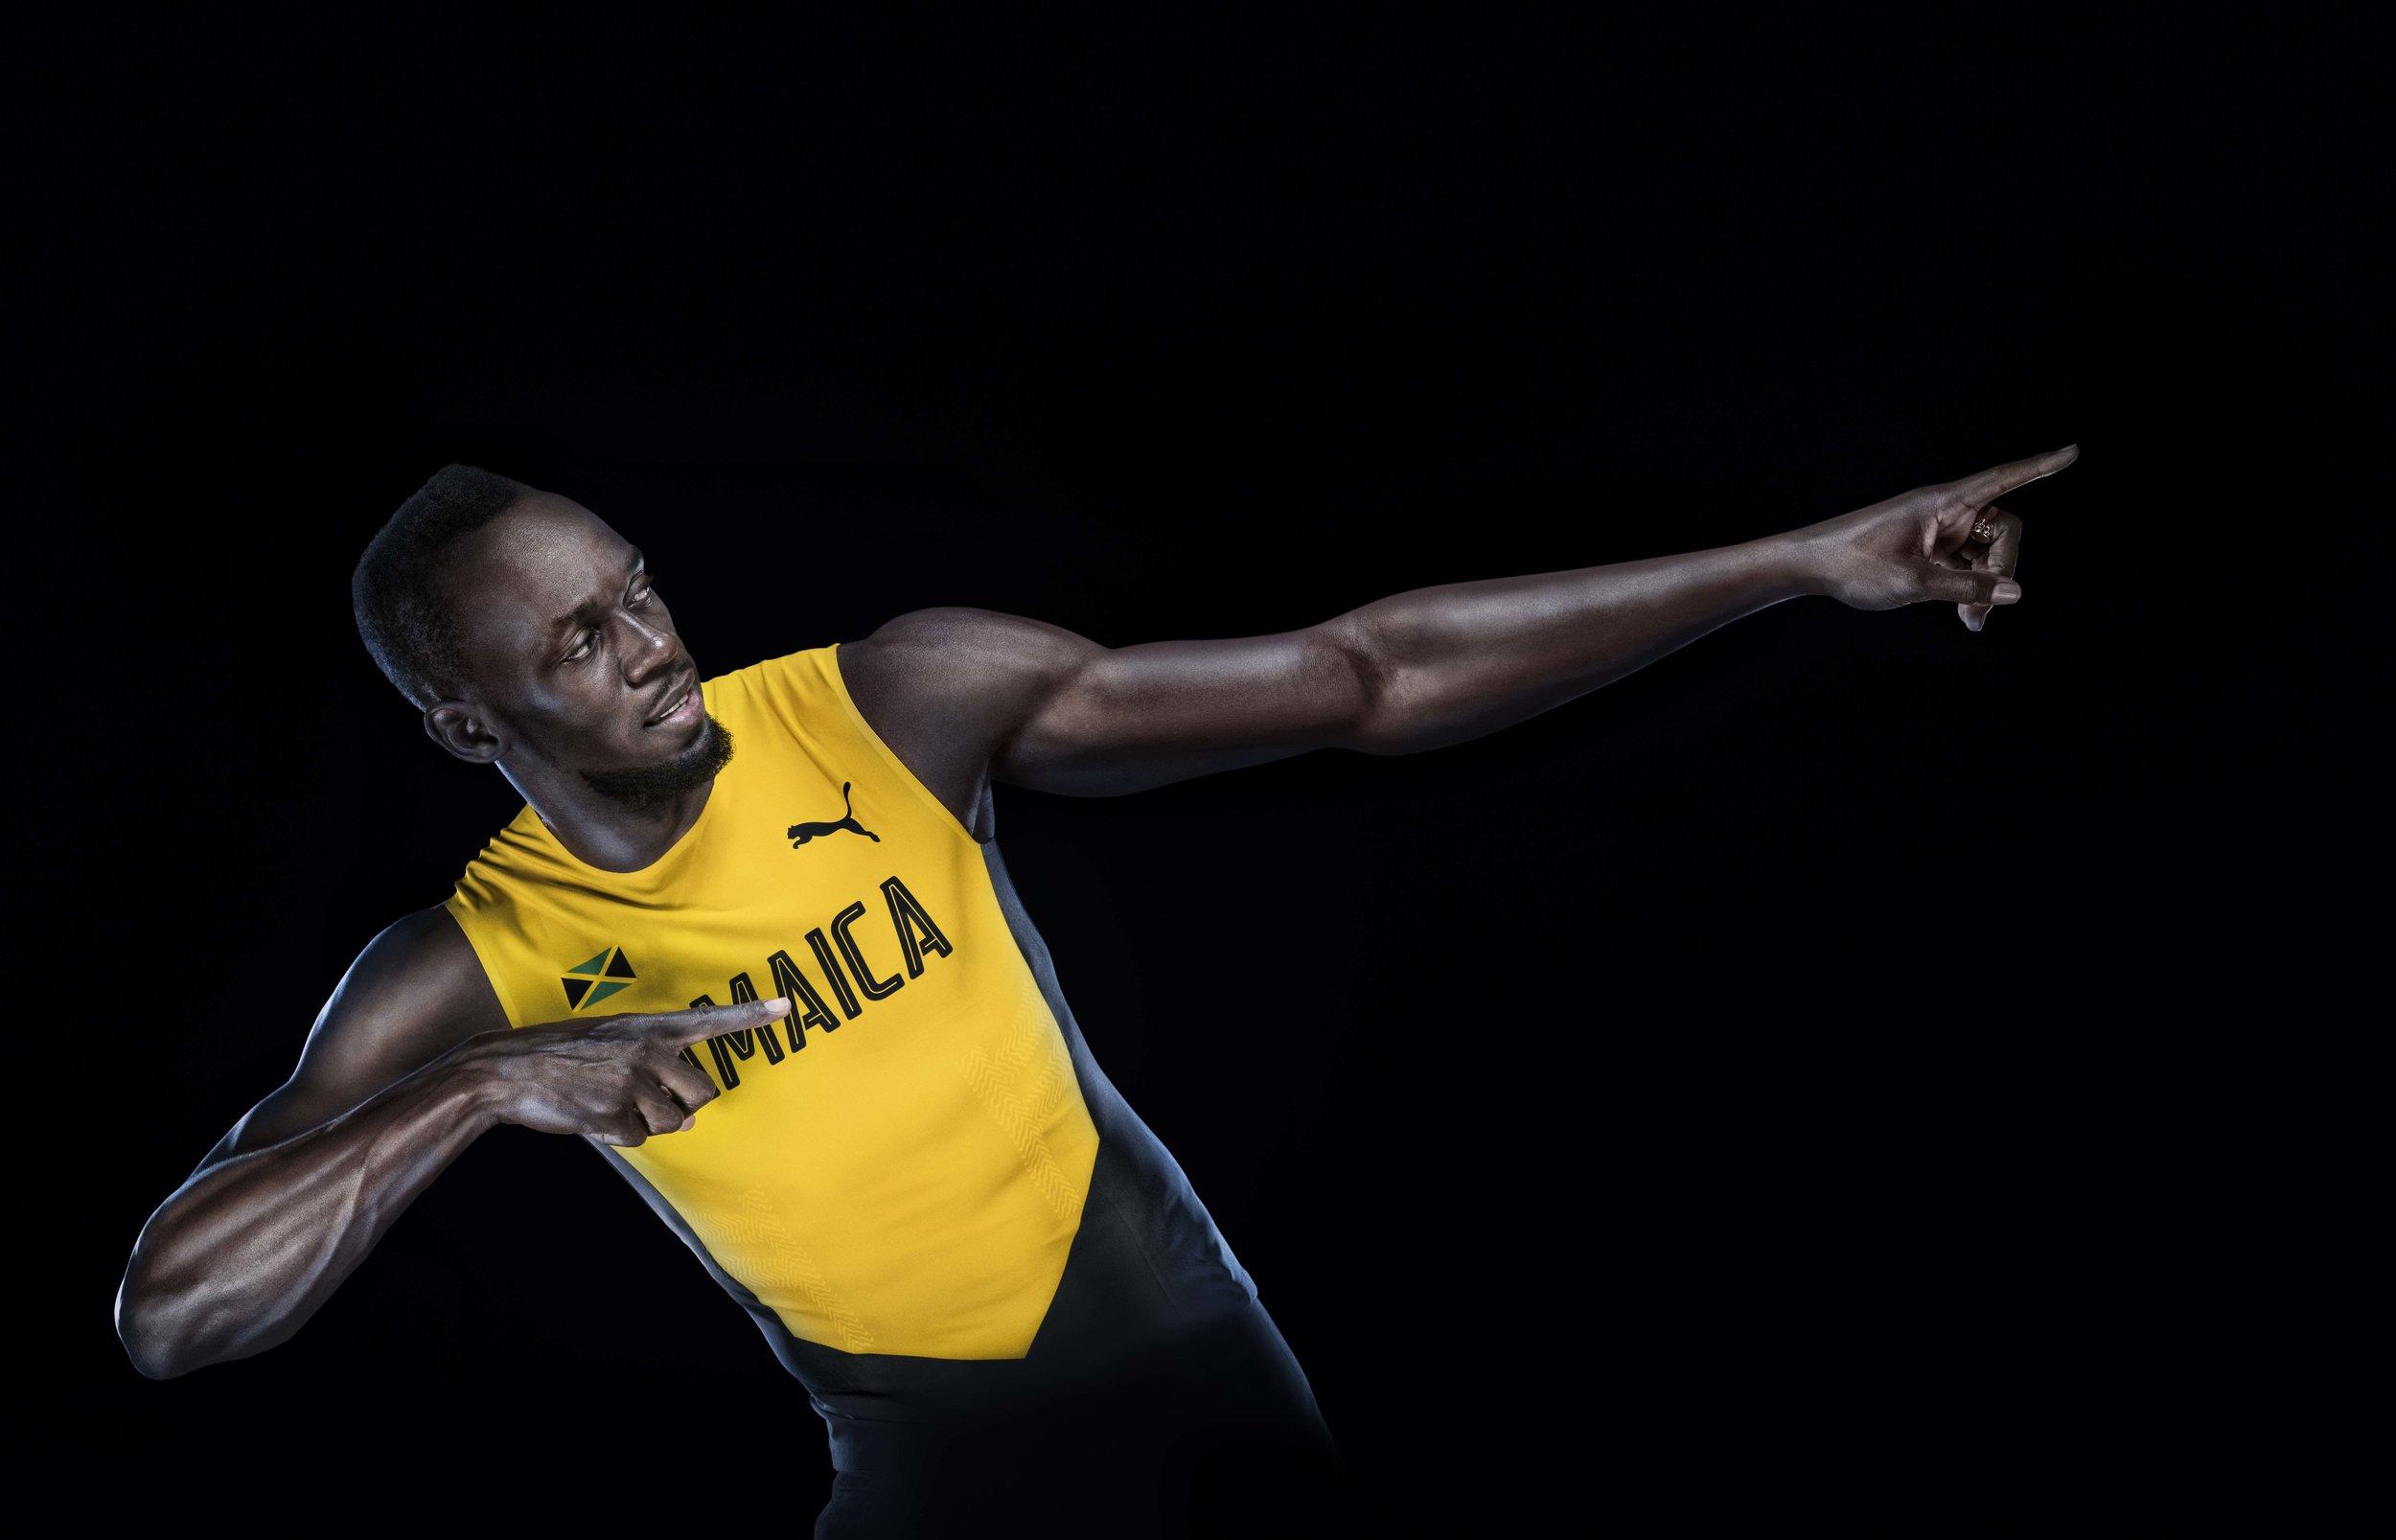 Usain_Bolt15018v2.jpg